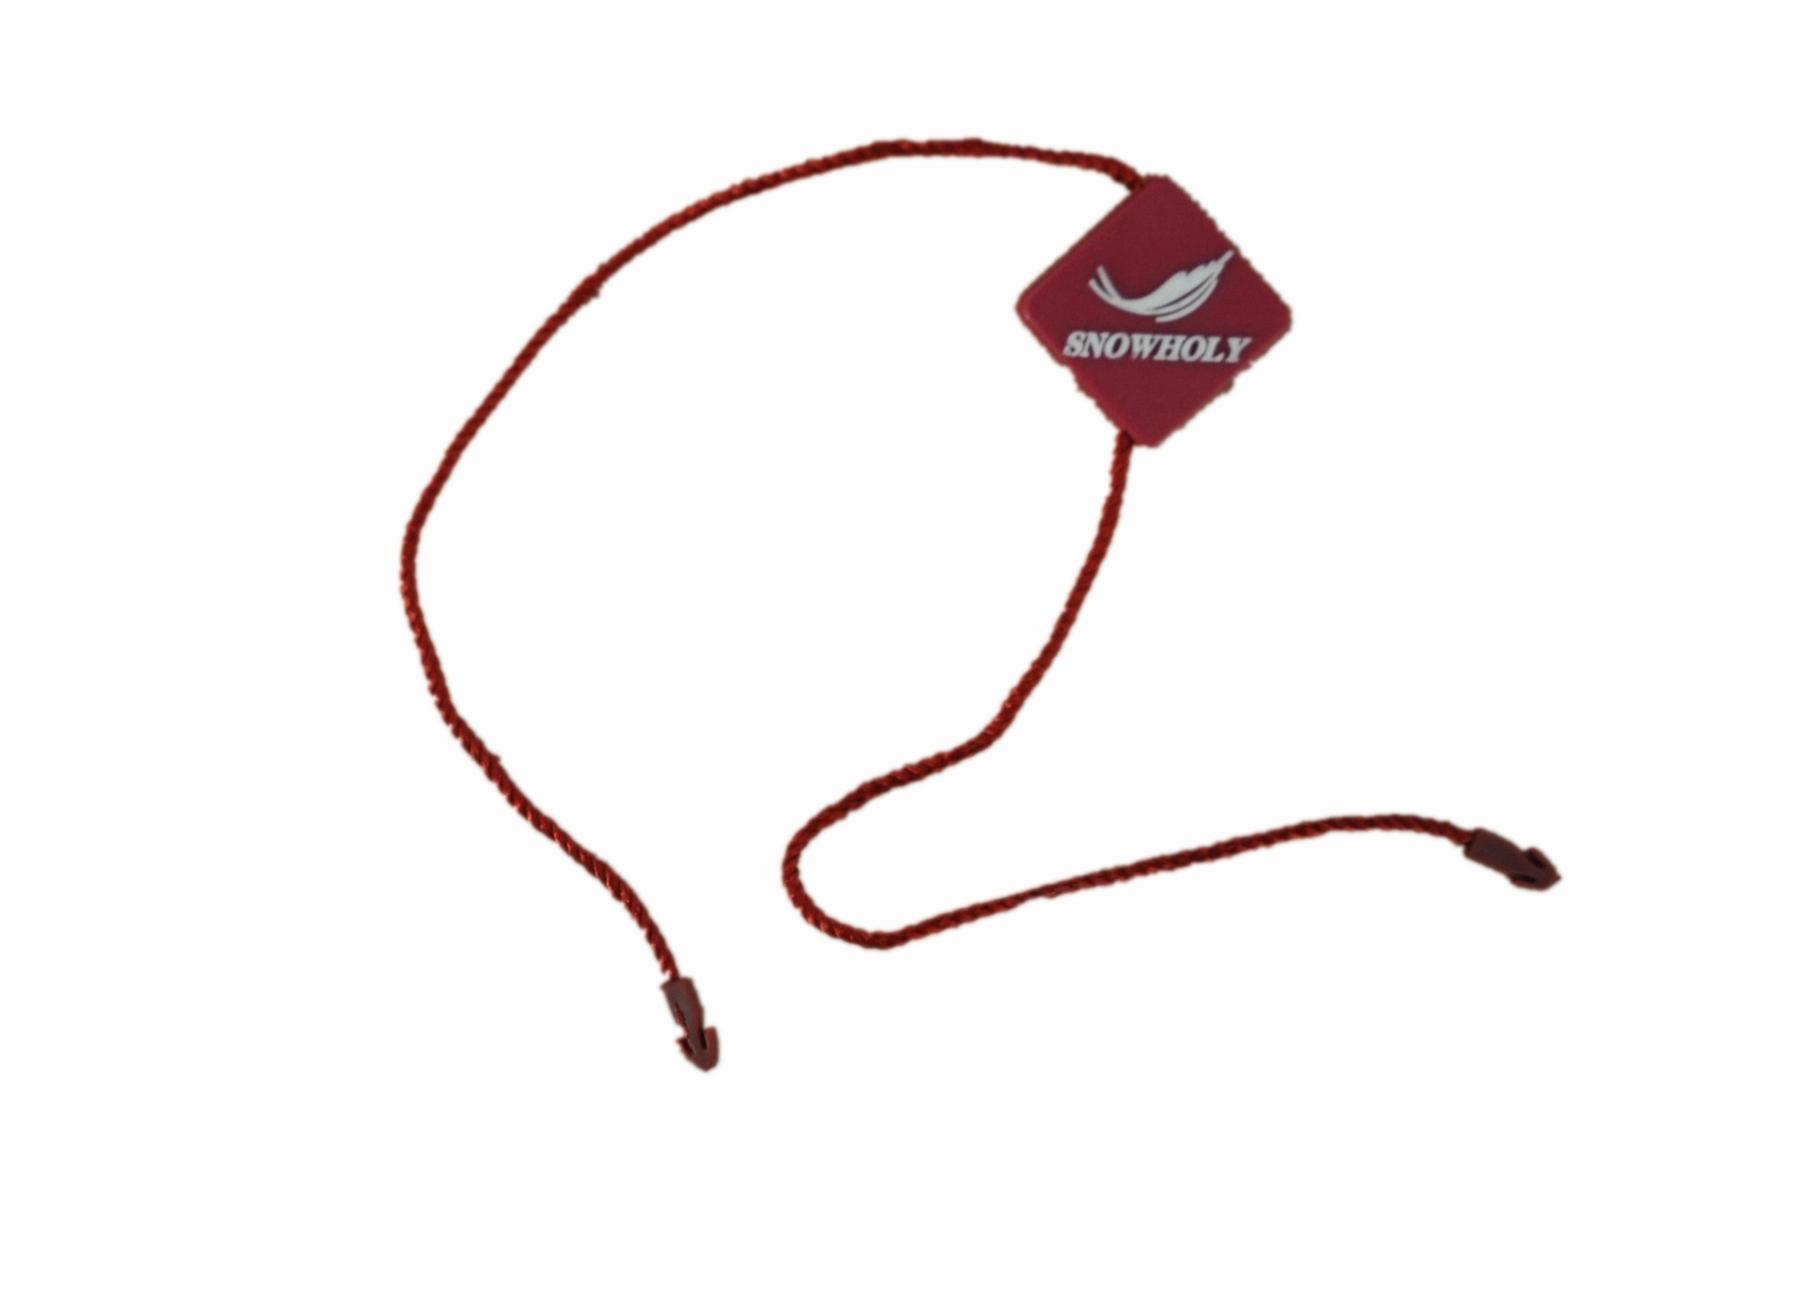 价位合理的红色吊粒秋蝶服装辅料公司供应